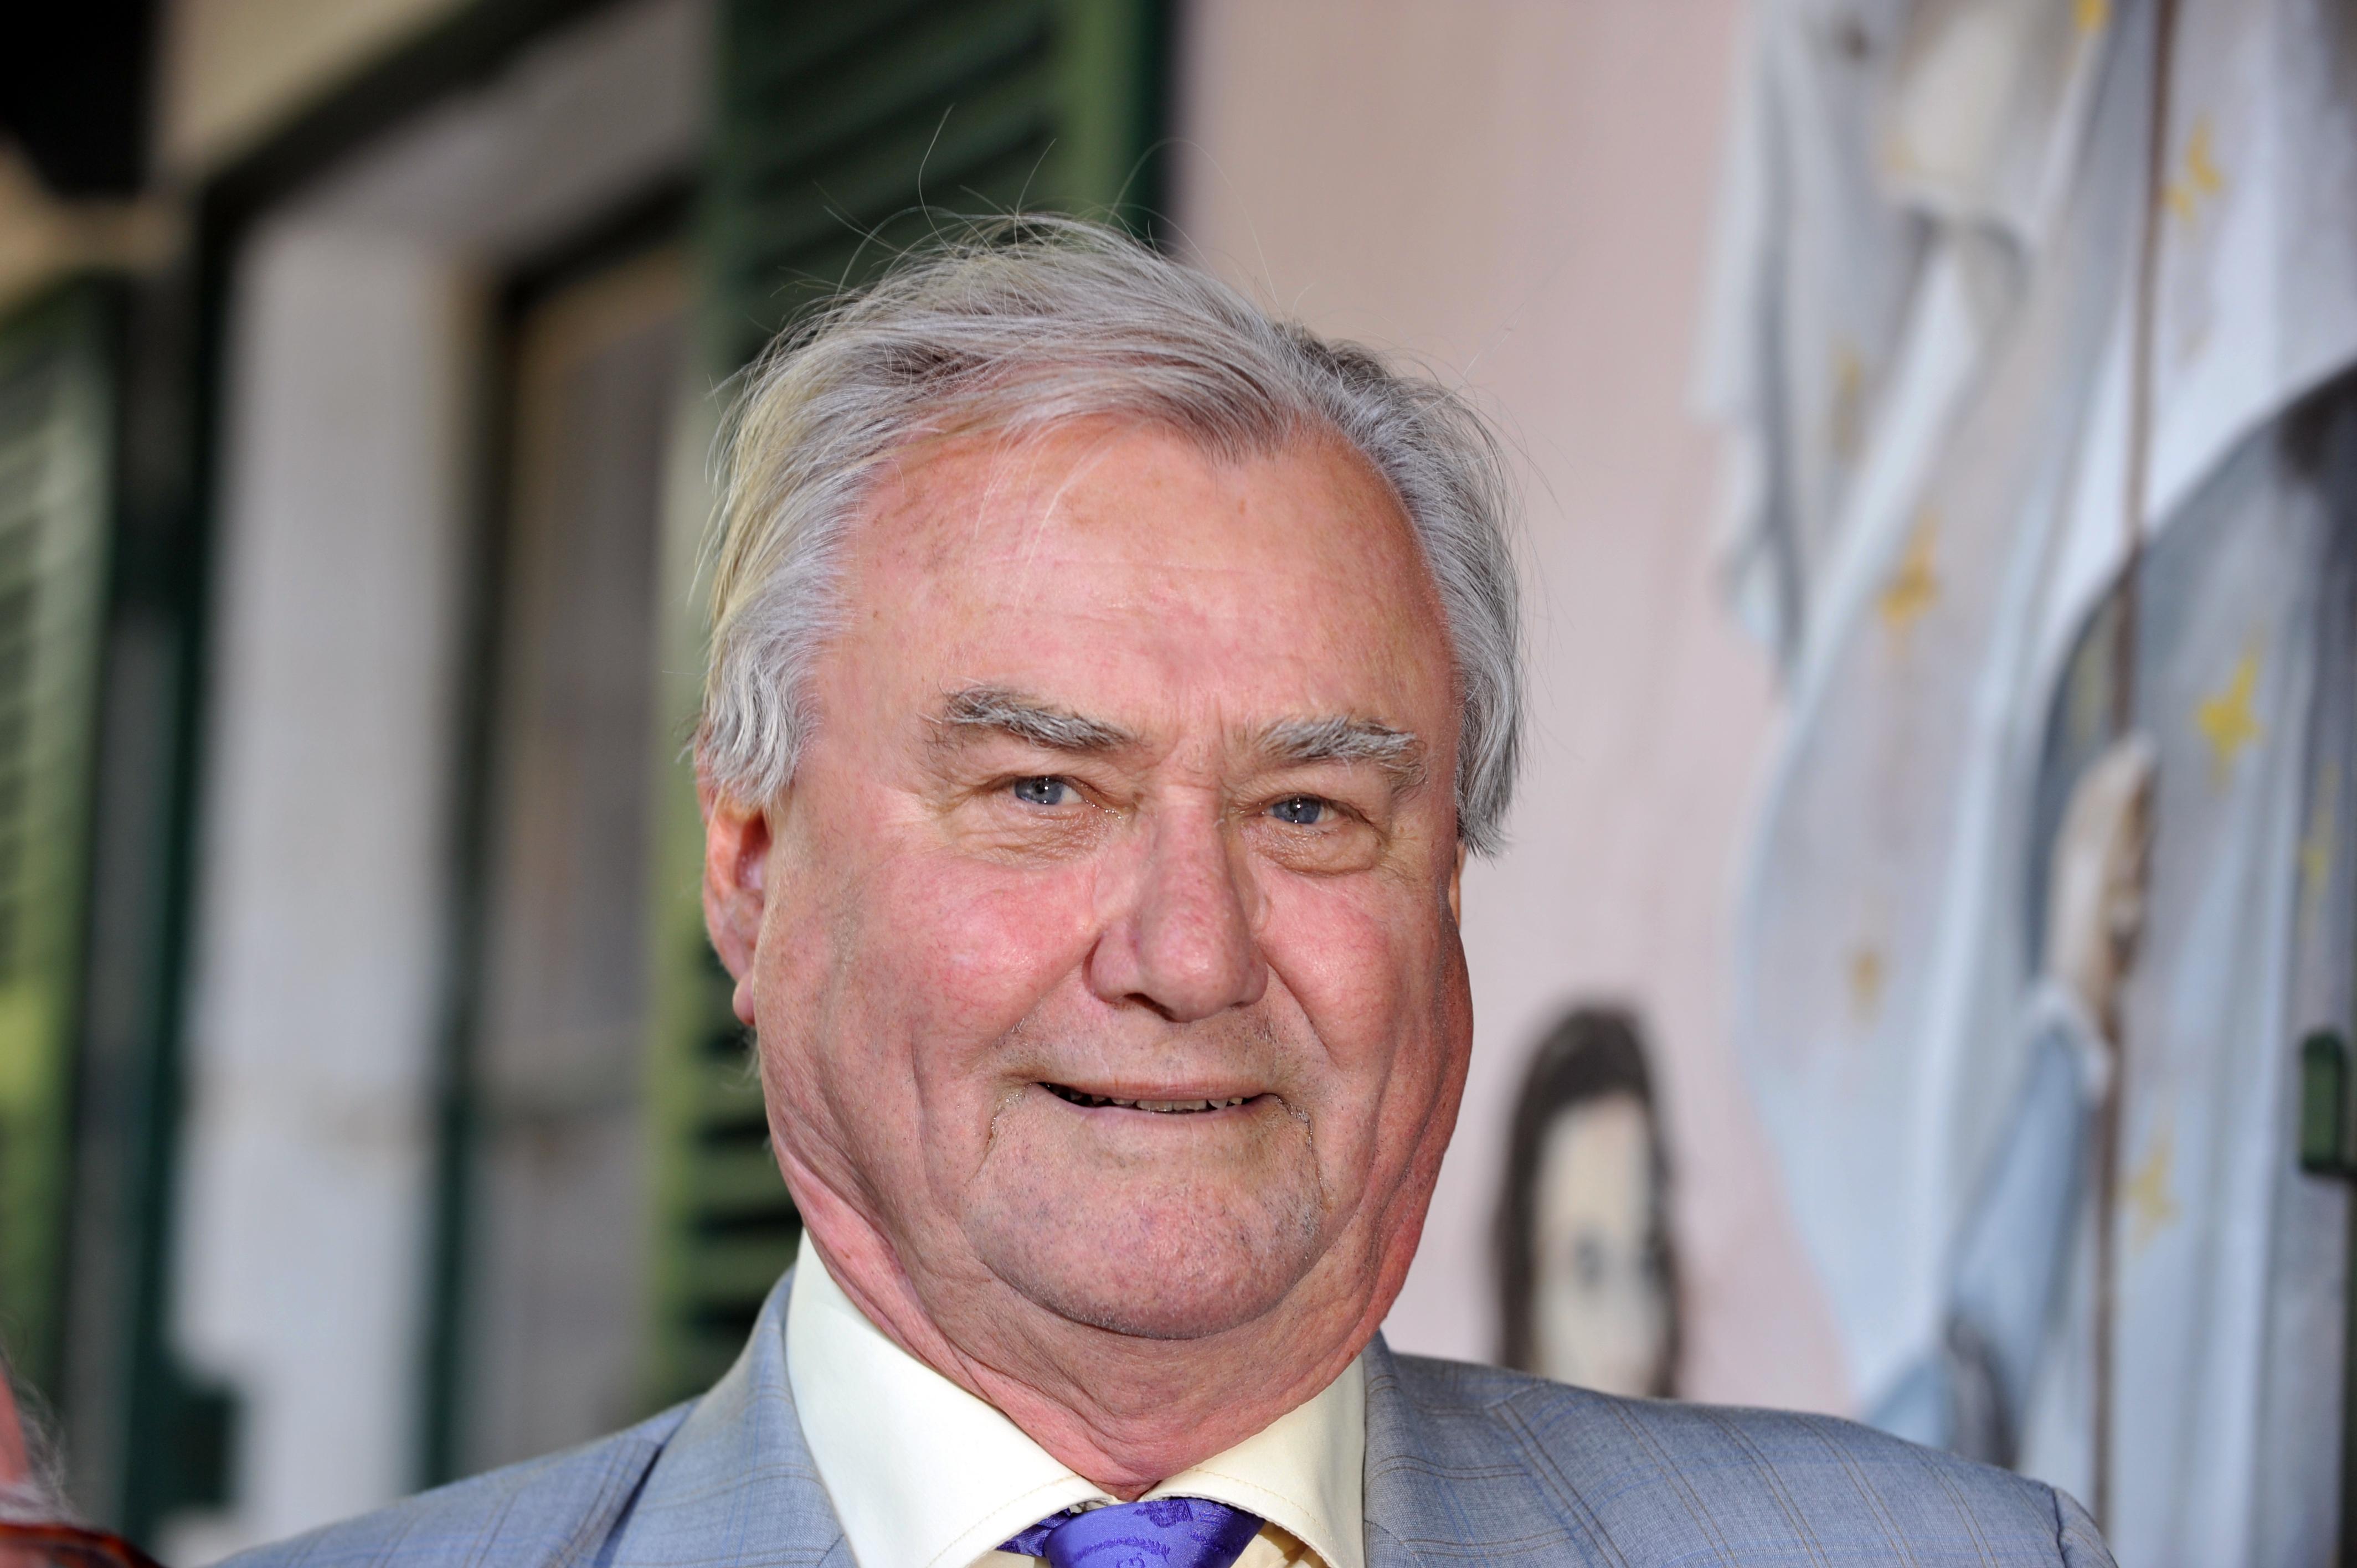 Enrique de Dinamarca en una foto de 2011 (AFP/ALAIN JOCARD)